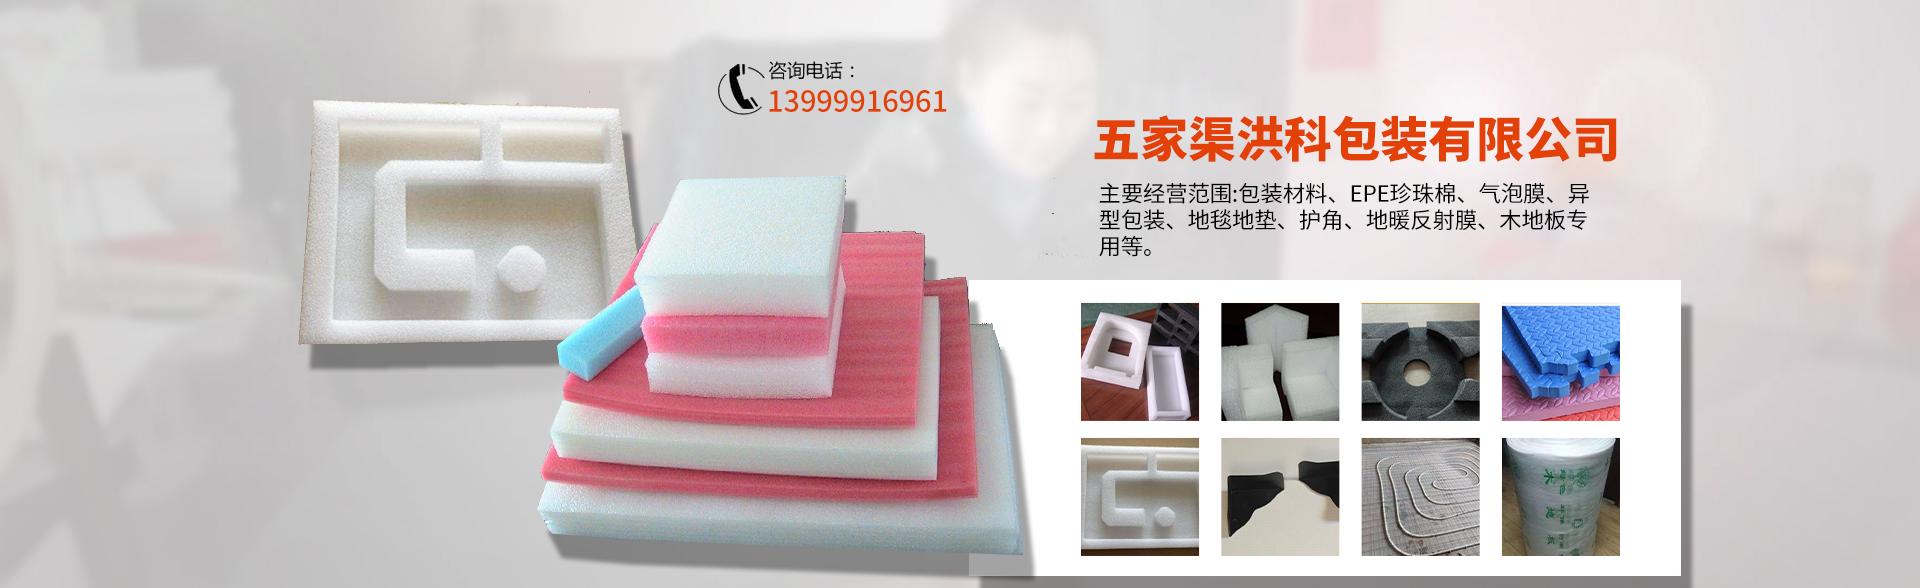 包裝廠家,新疆異形包裝,新疆包裝公司